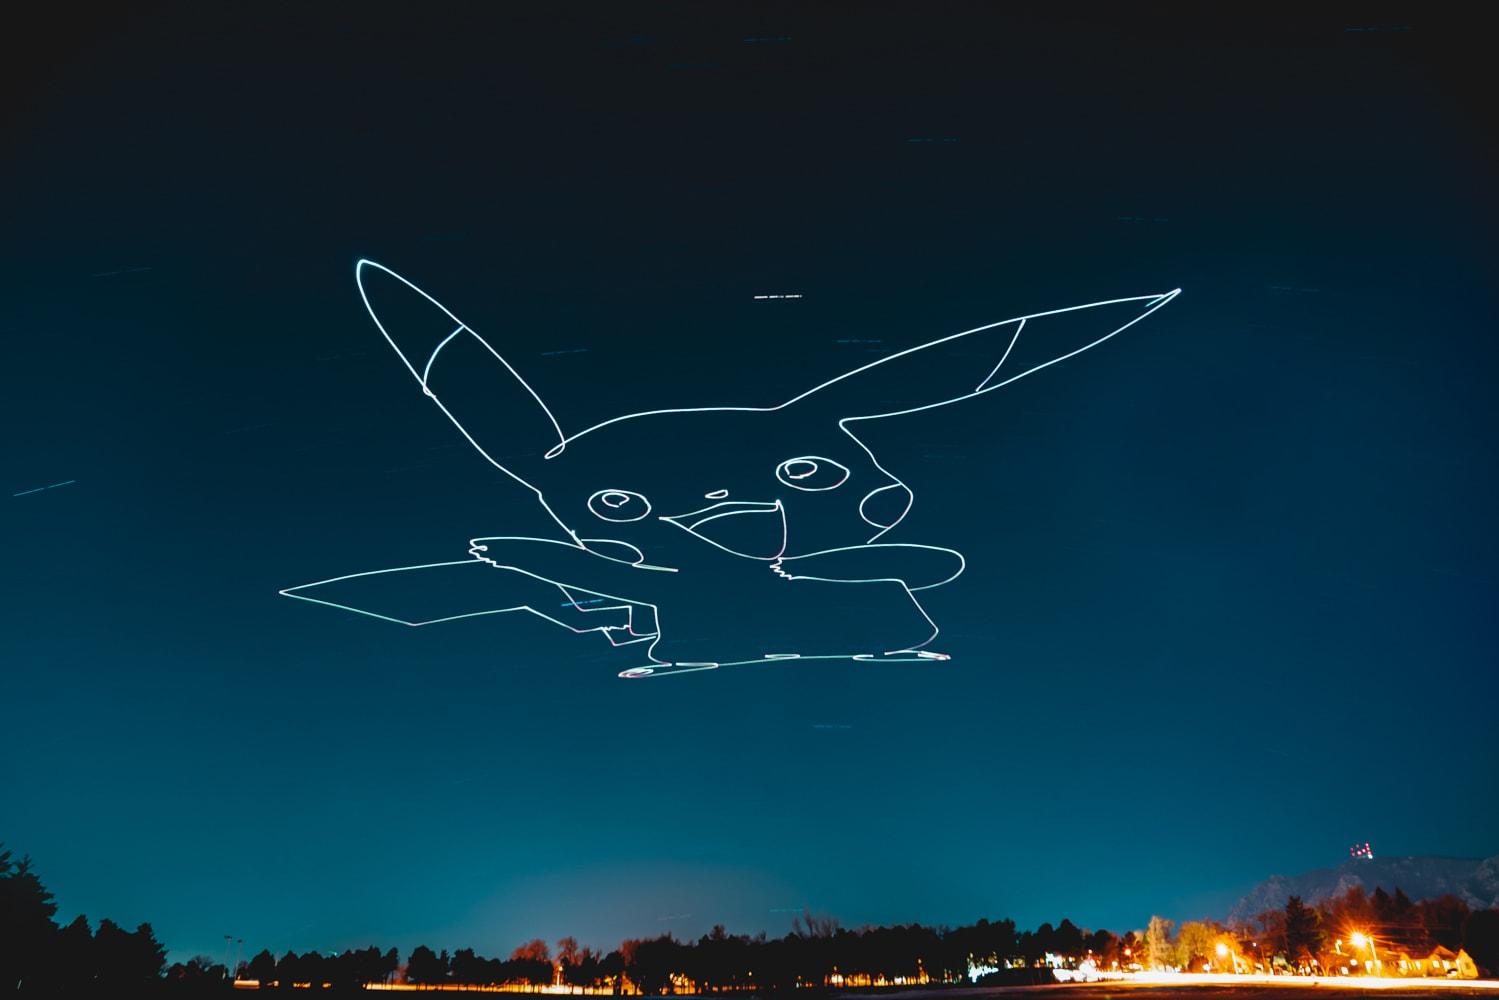 pikachu-first-min.jpg